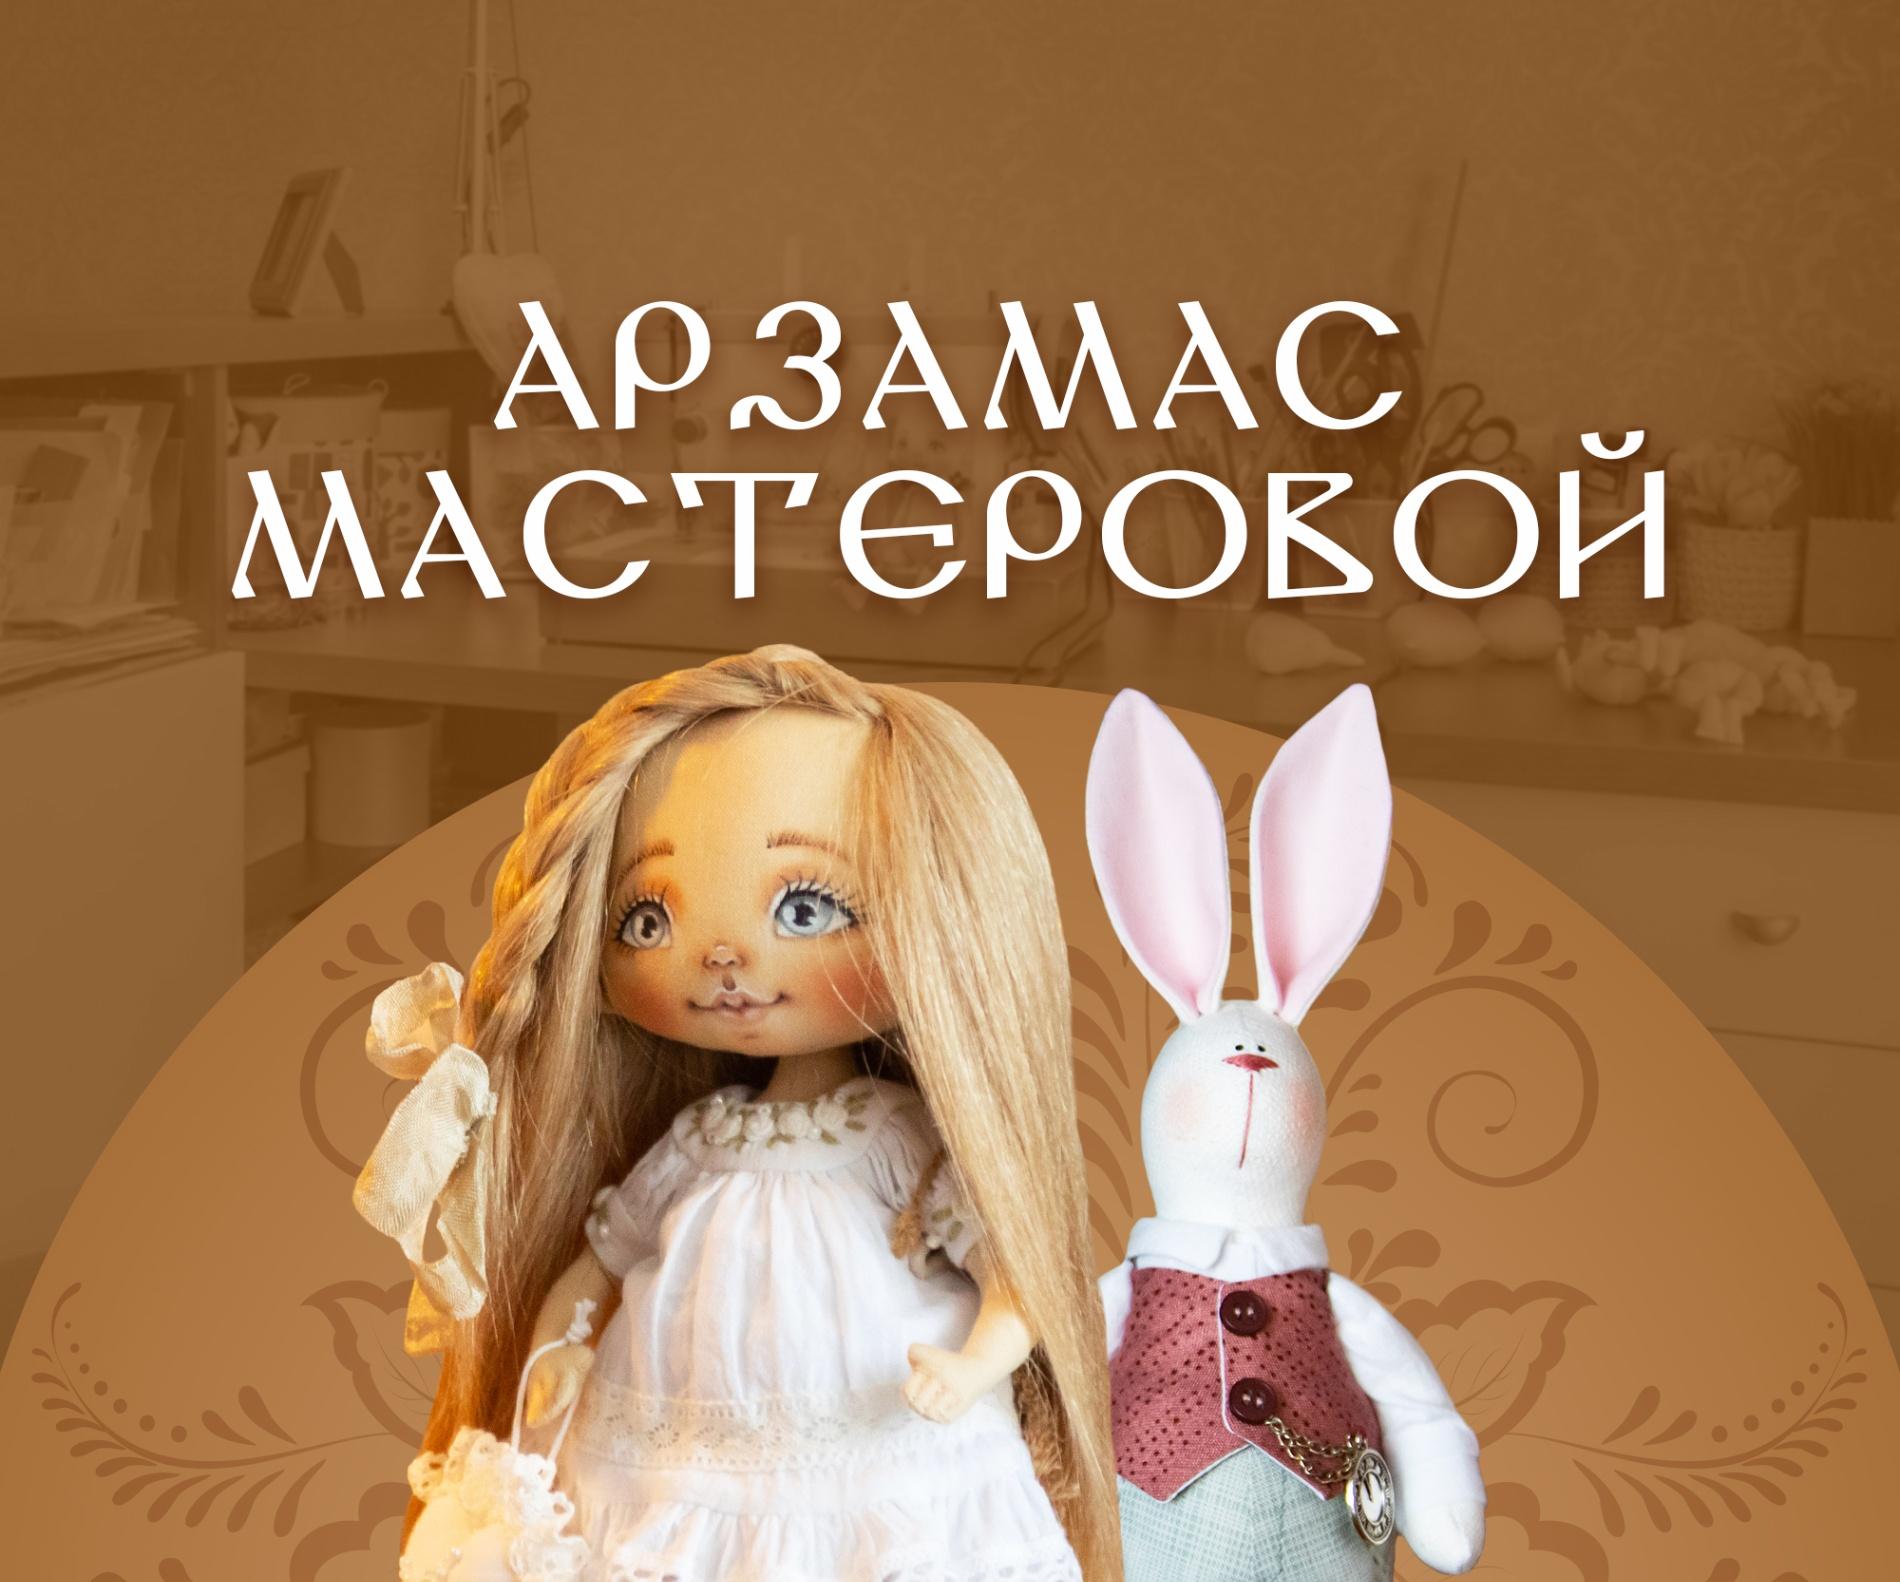 Творить в удовольствие: фоторассказ о творчестве мастера-кукольника